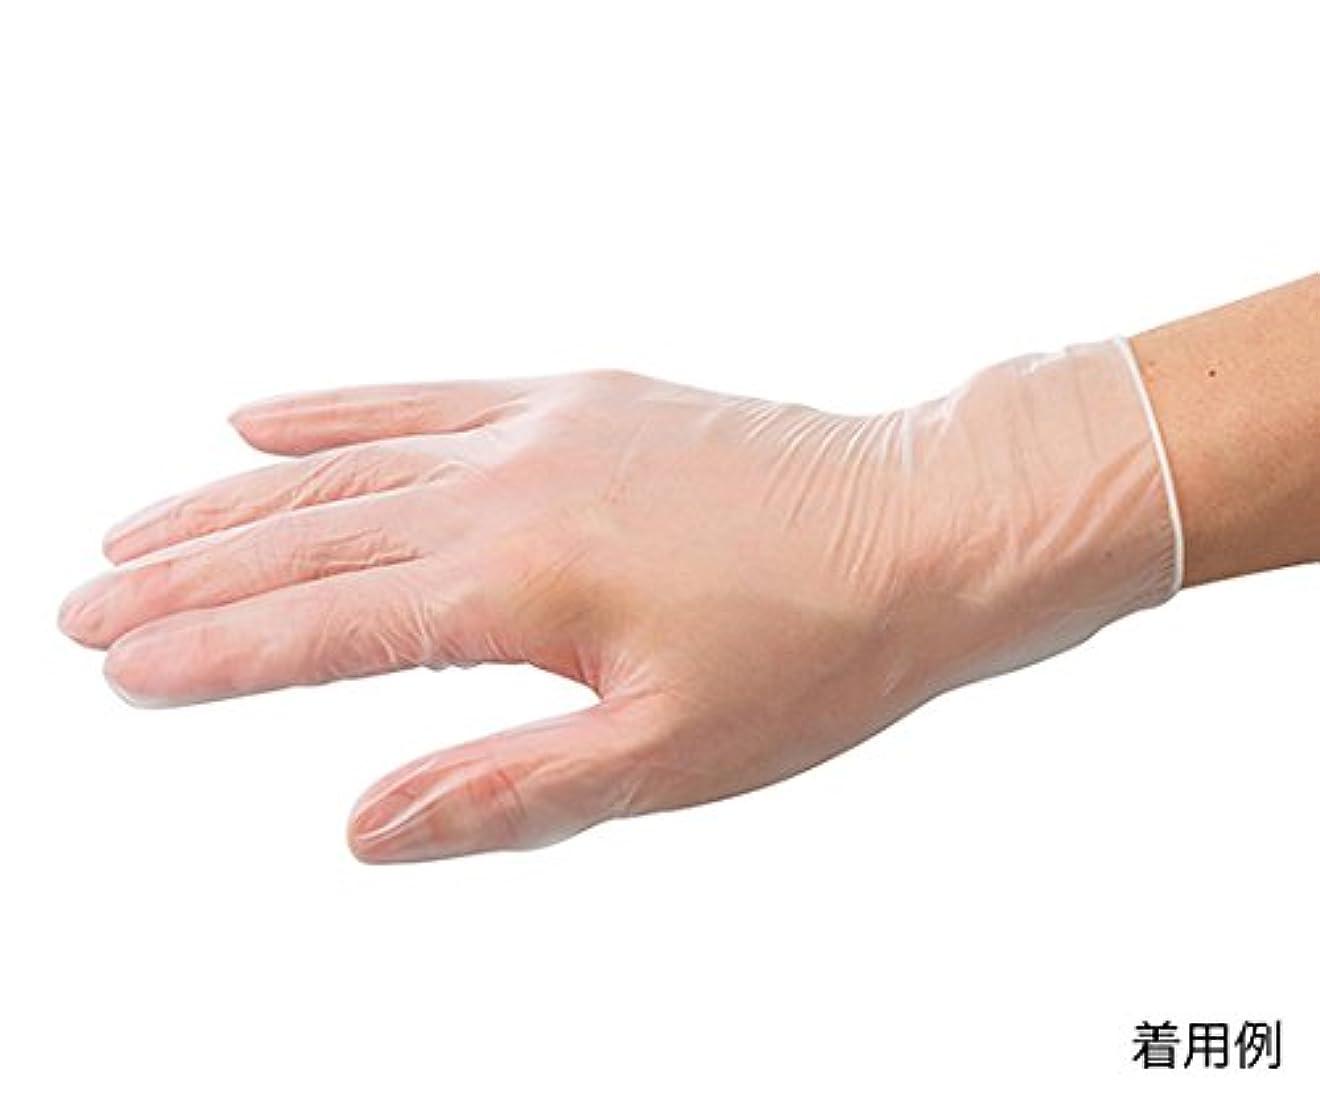 色ピカソ火ARメディコム?インク?アジアリミテッド7-3726-03バイタルプラスチック手袋(パウダーフリー)L150枚入